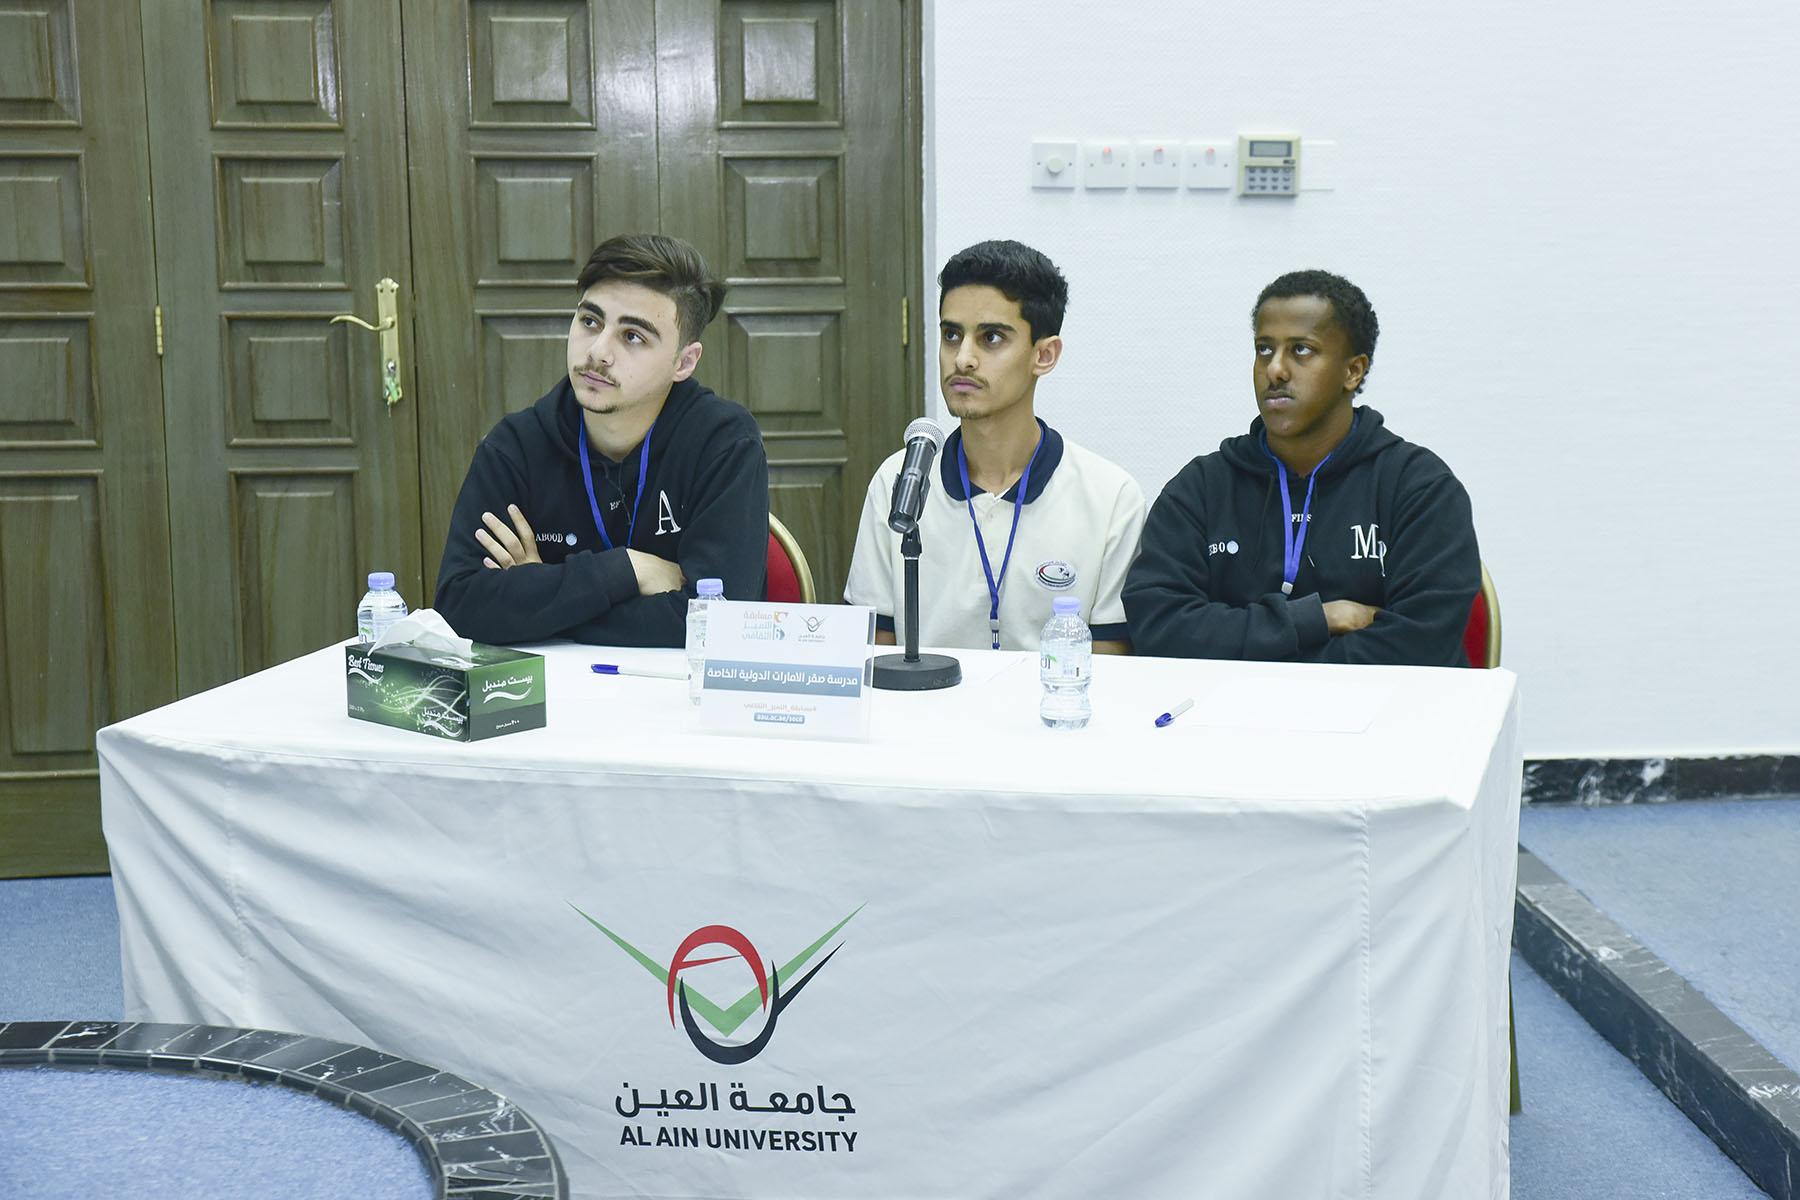 مرحلة النصف نهائي (مدرسة صقر الامارات الدولية الخاصة & المدرسة الدولية الخاصة)